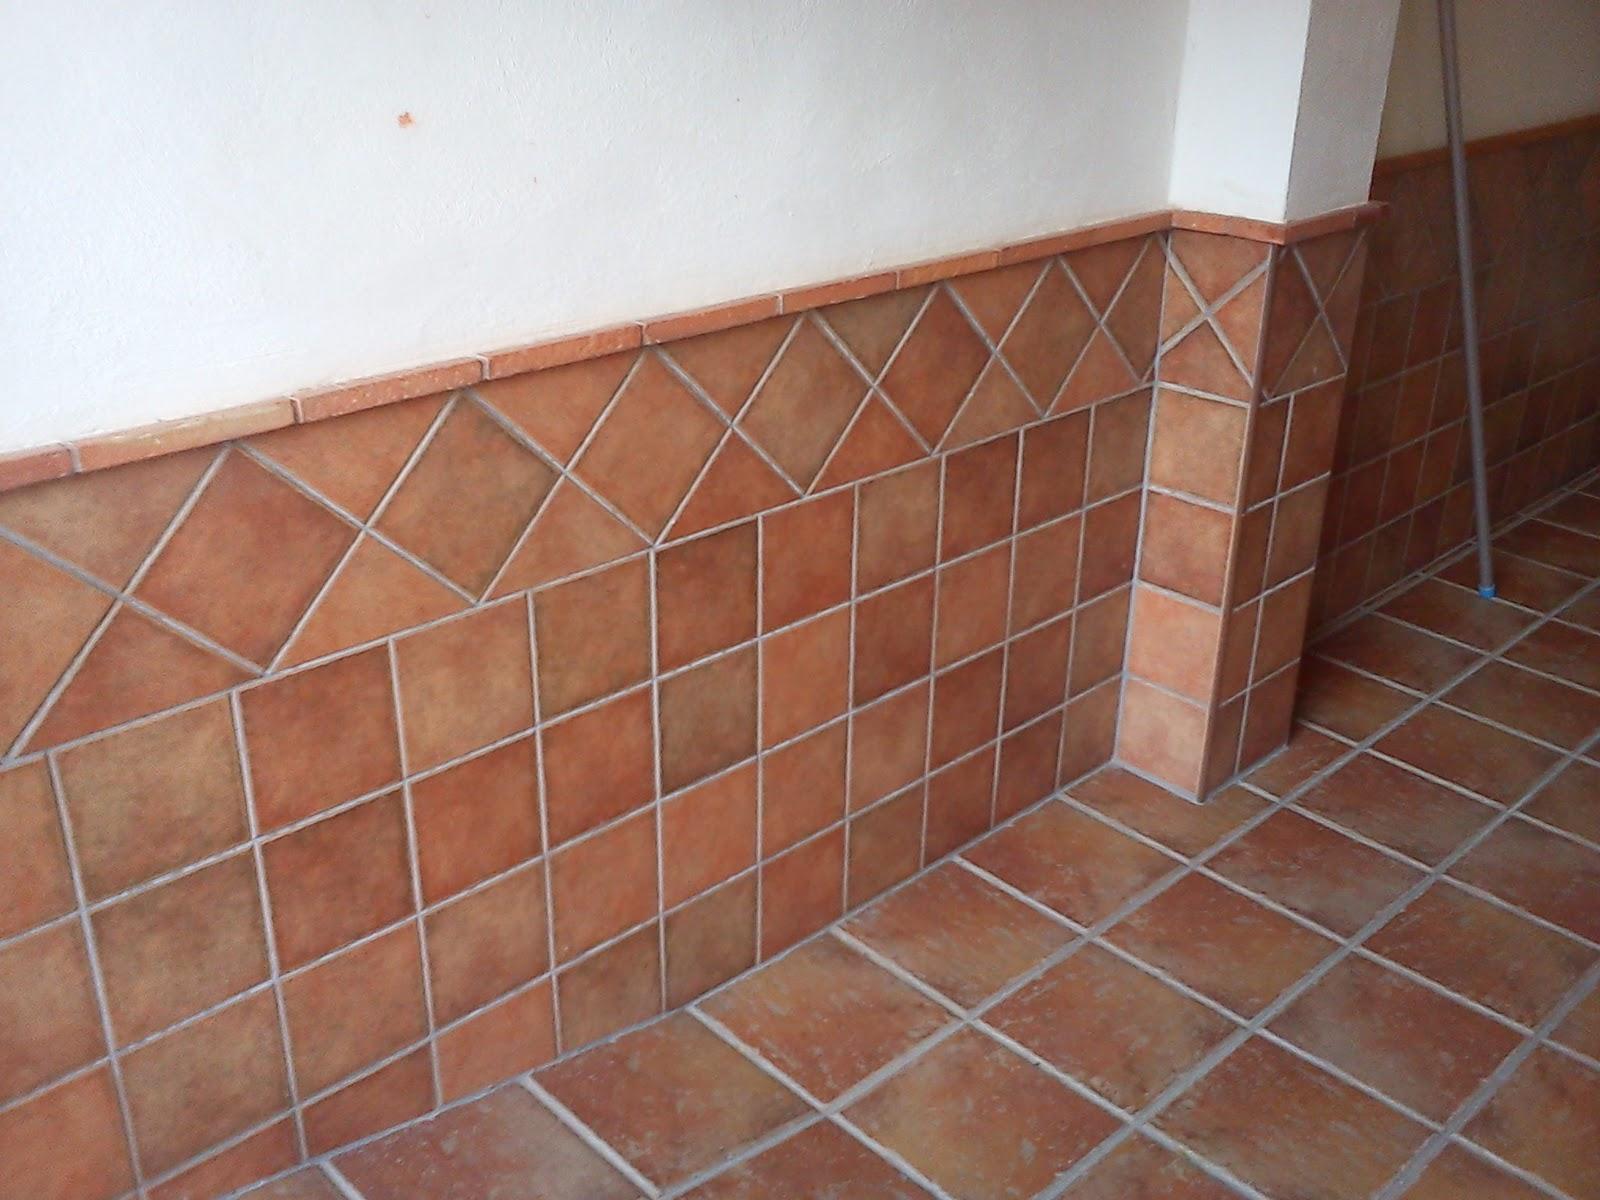 Casa de gojar alicatado y solerias zocalo cochera 3 for Casa de azulejos cordoba